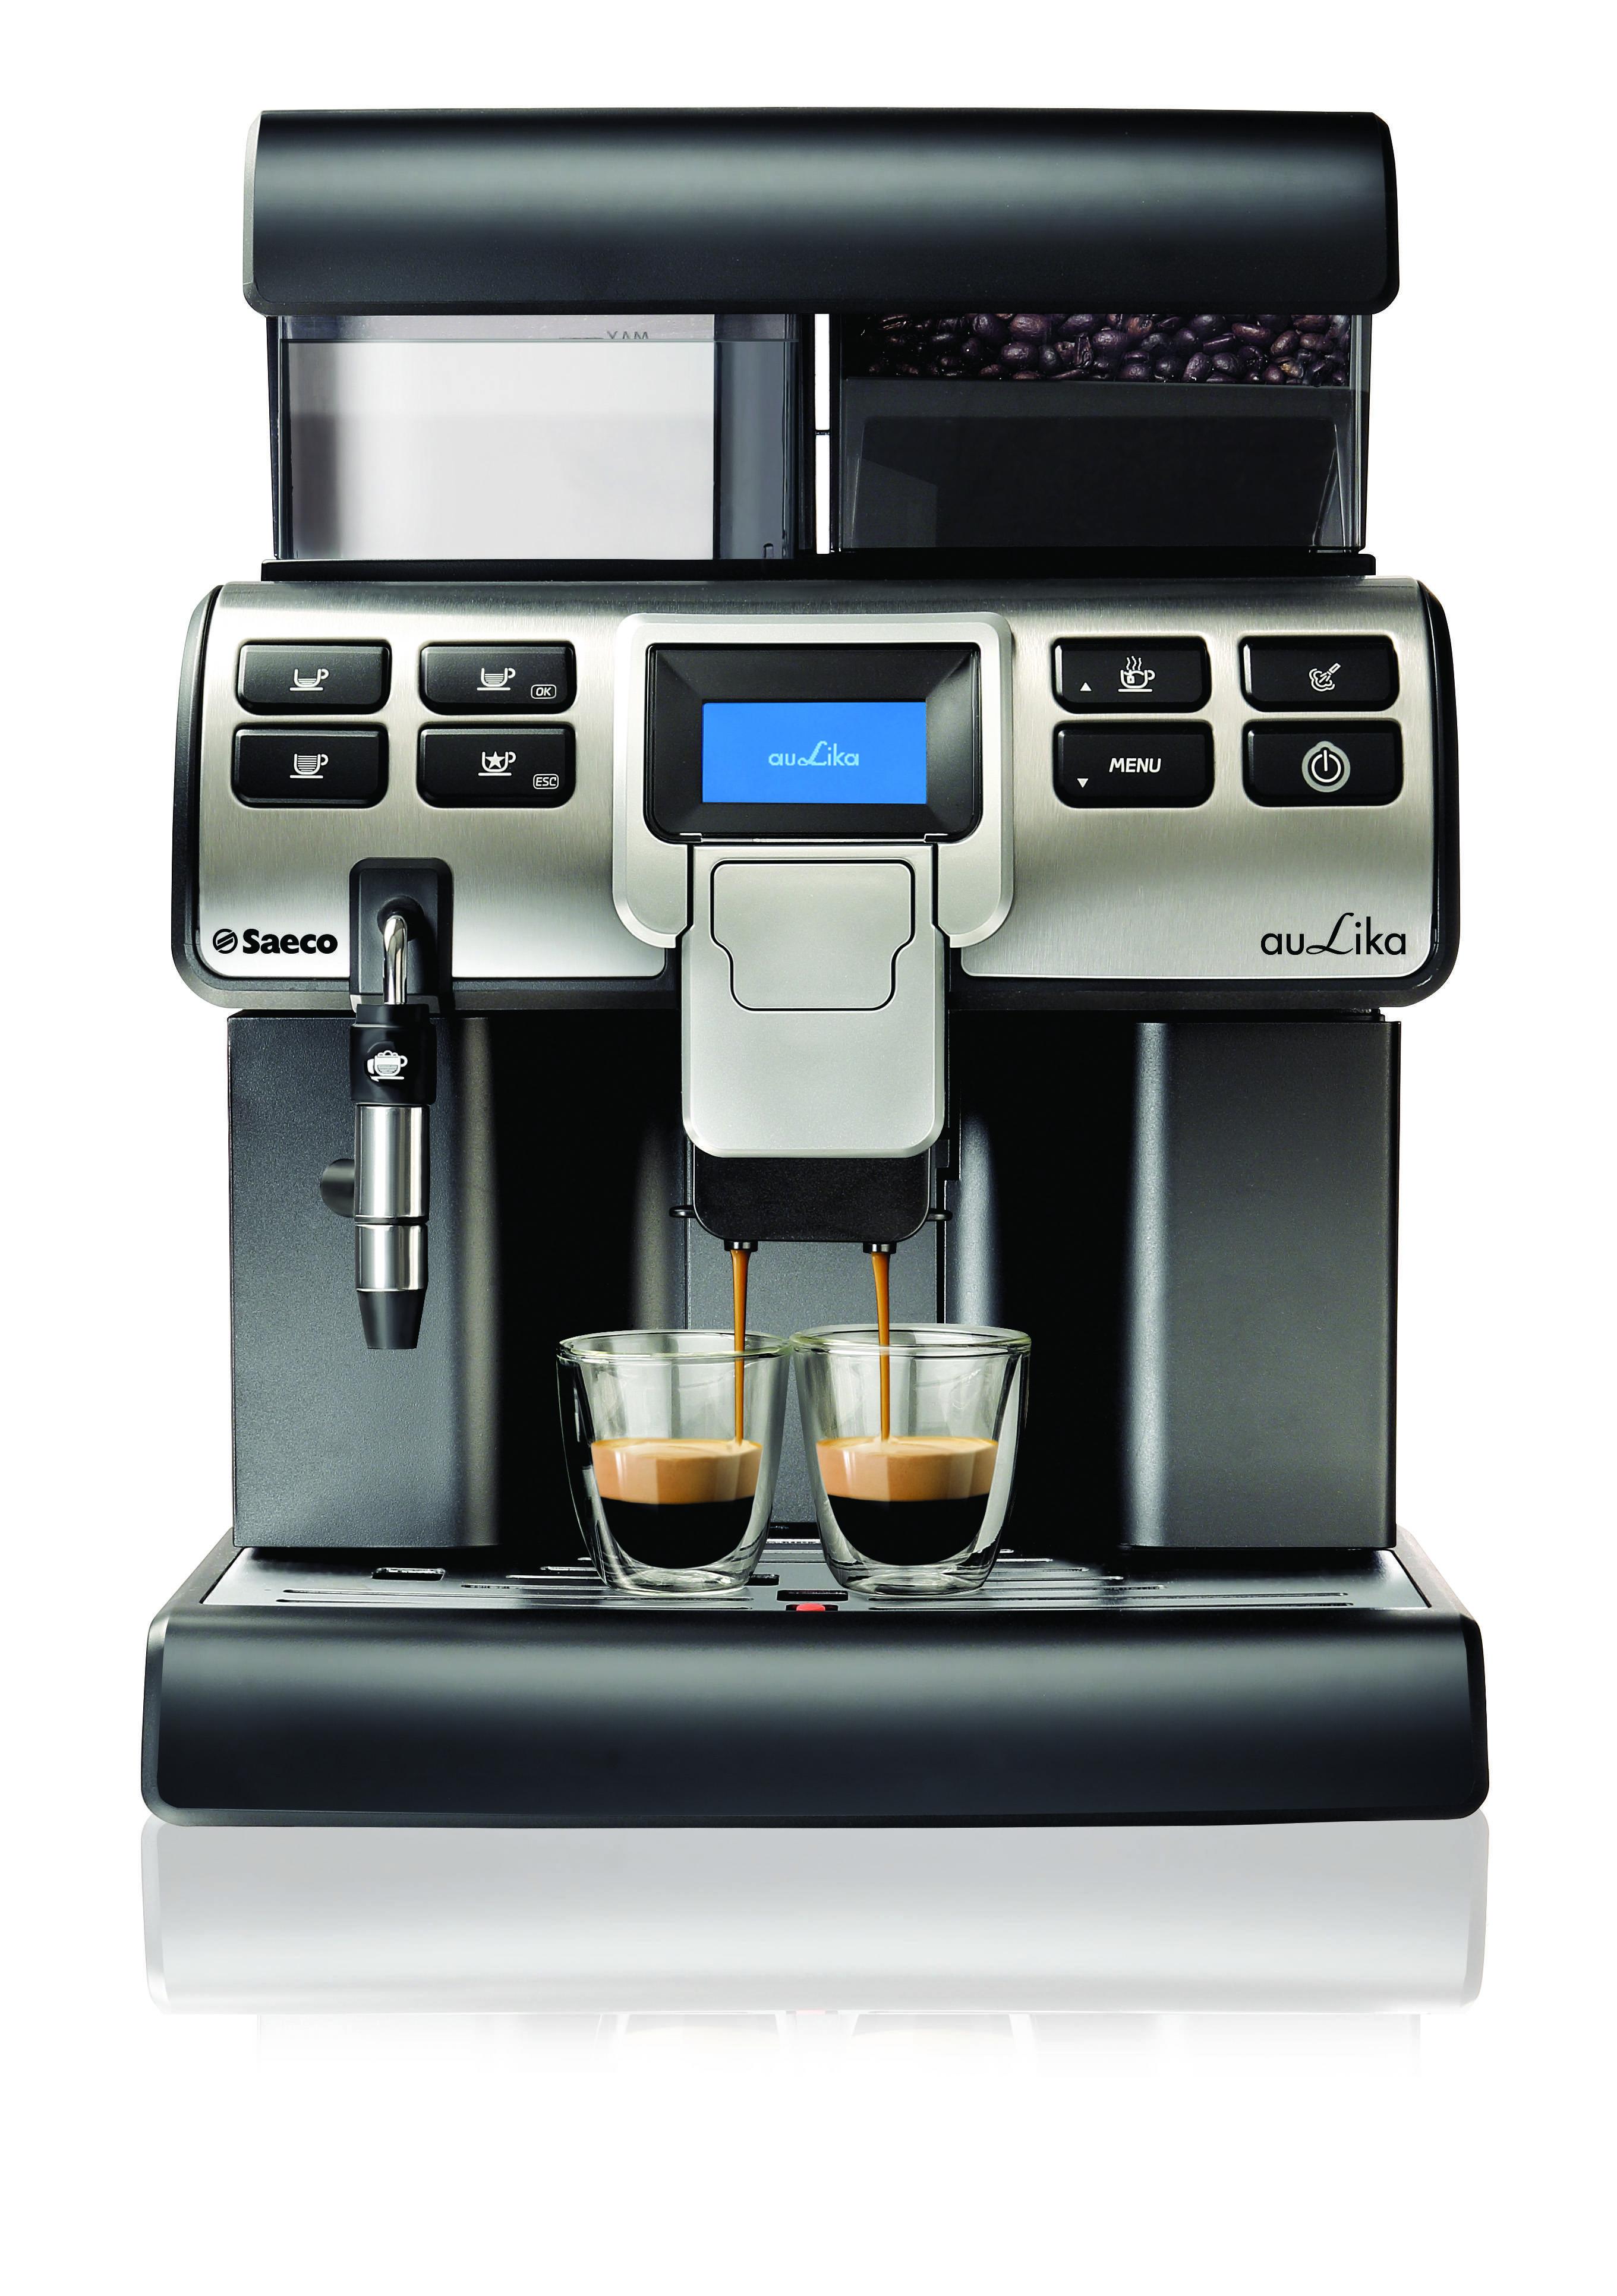 Топ 8 лучших кофеварок и кофемашин saeco по отзывам покупателей